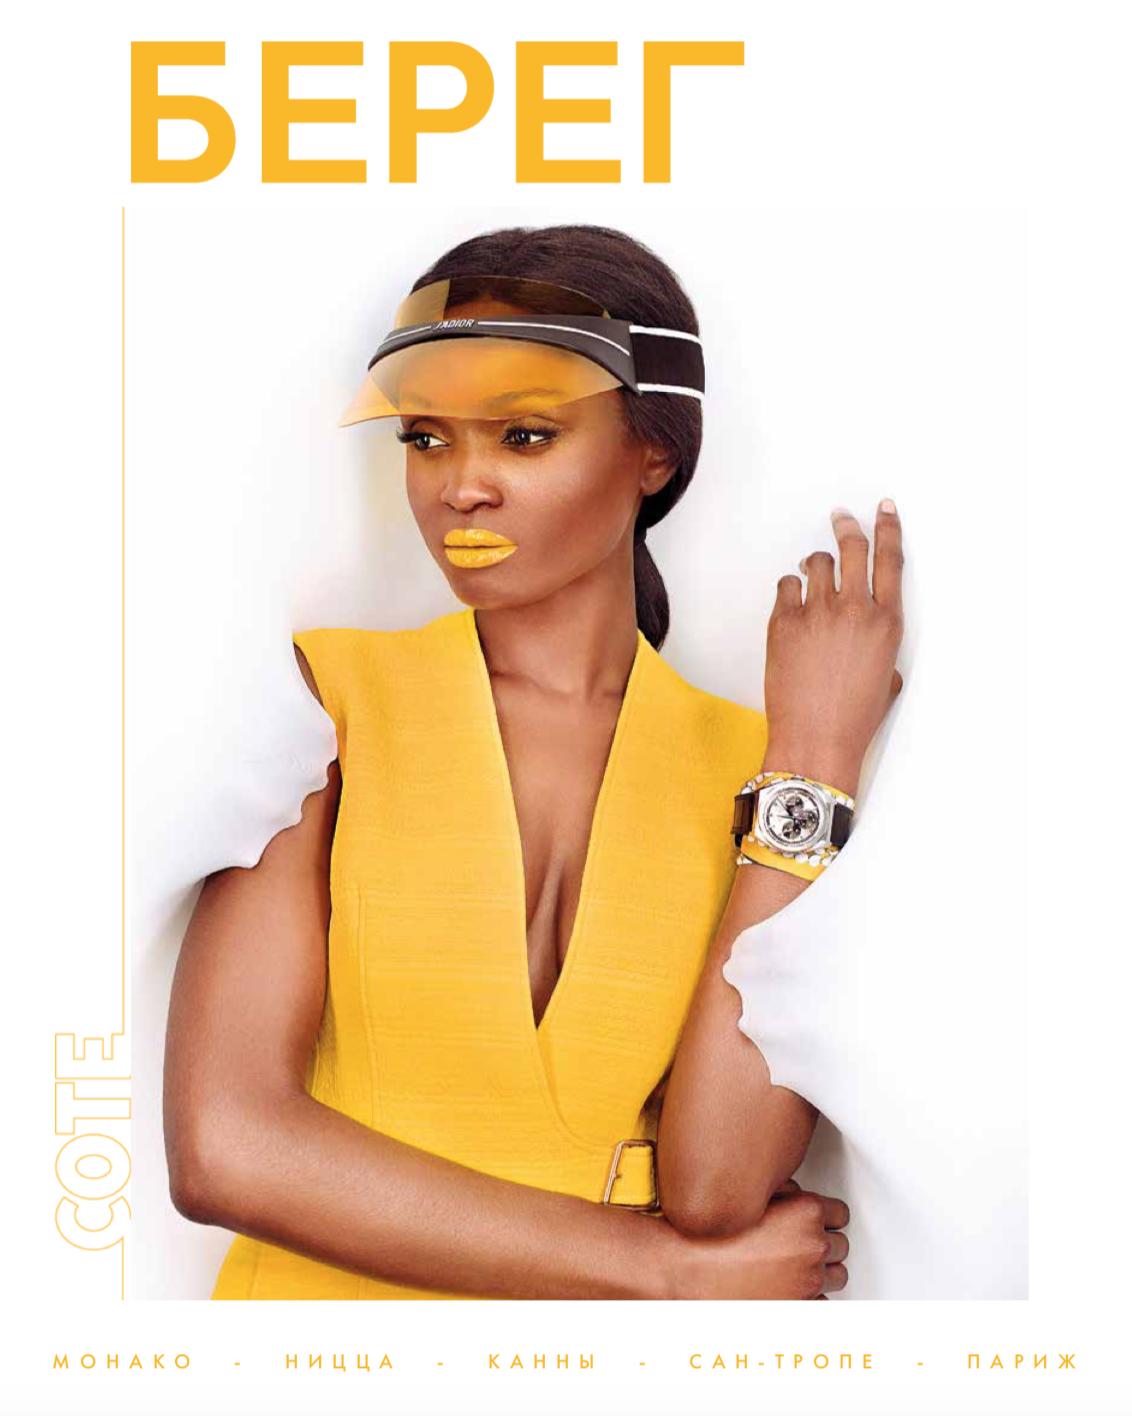 Bereg magazine